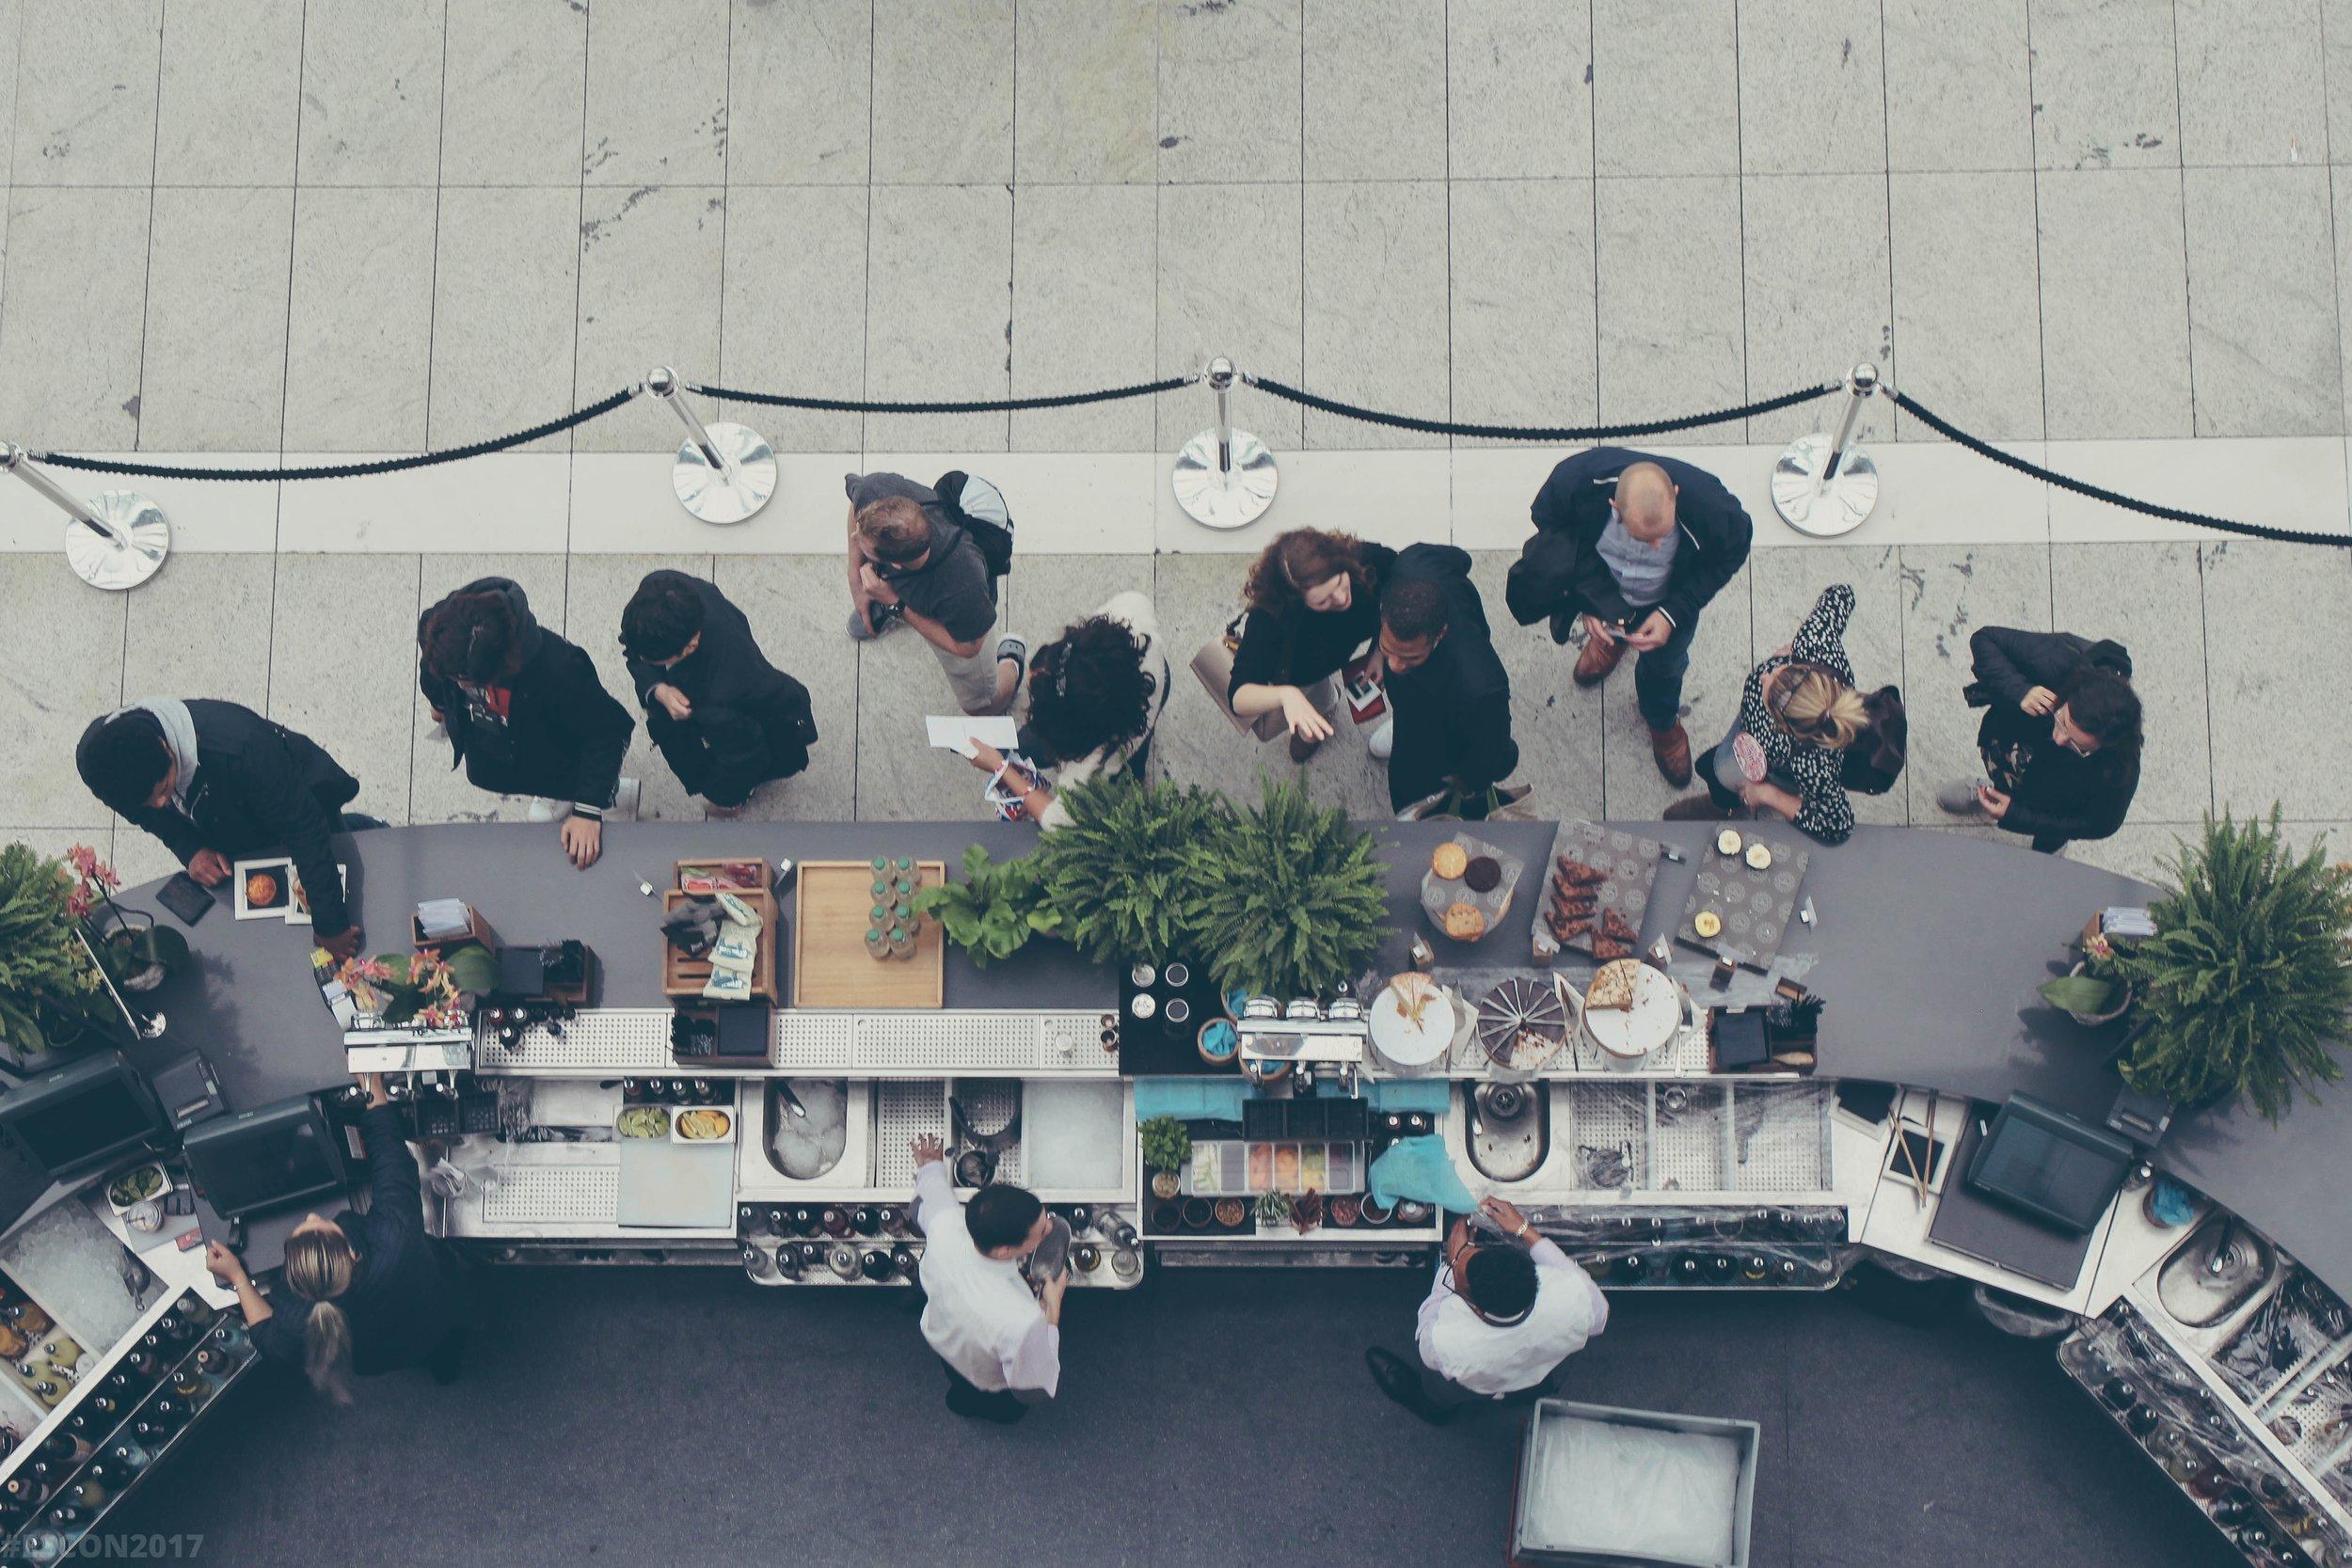 Photo by Michał Parzuchowski on Unsplash